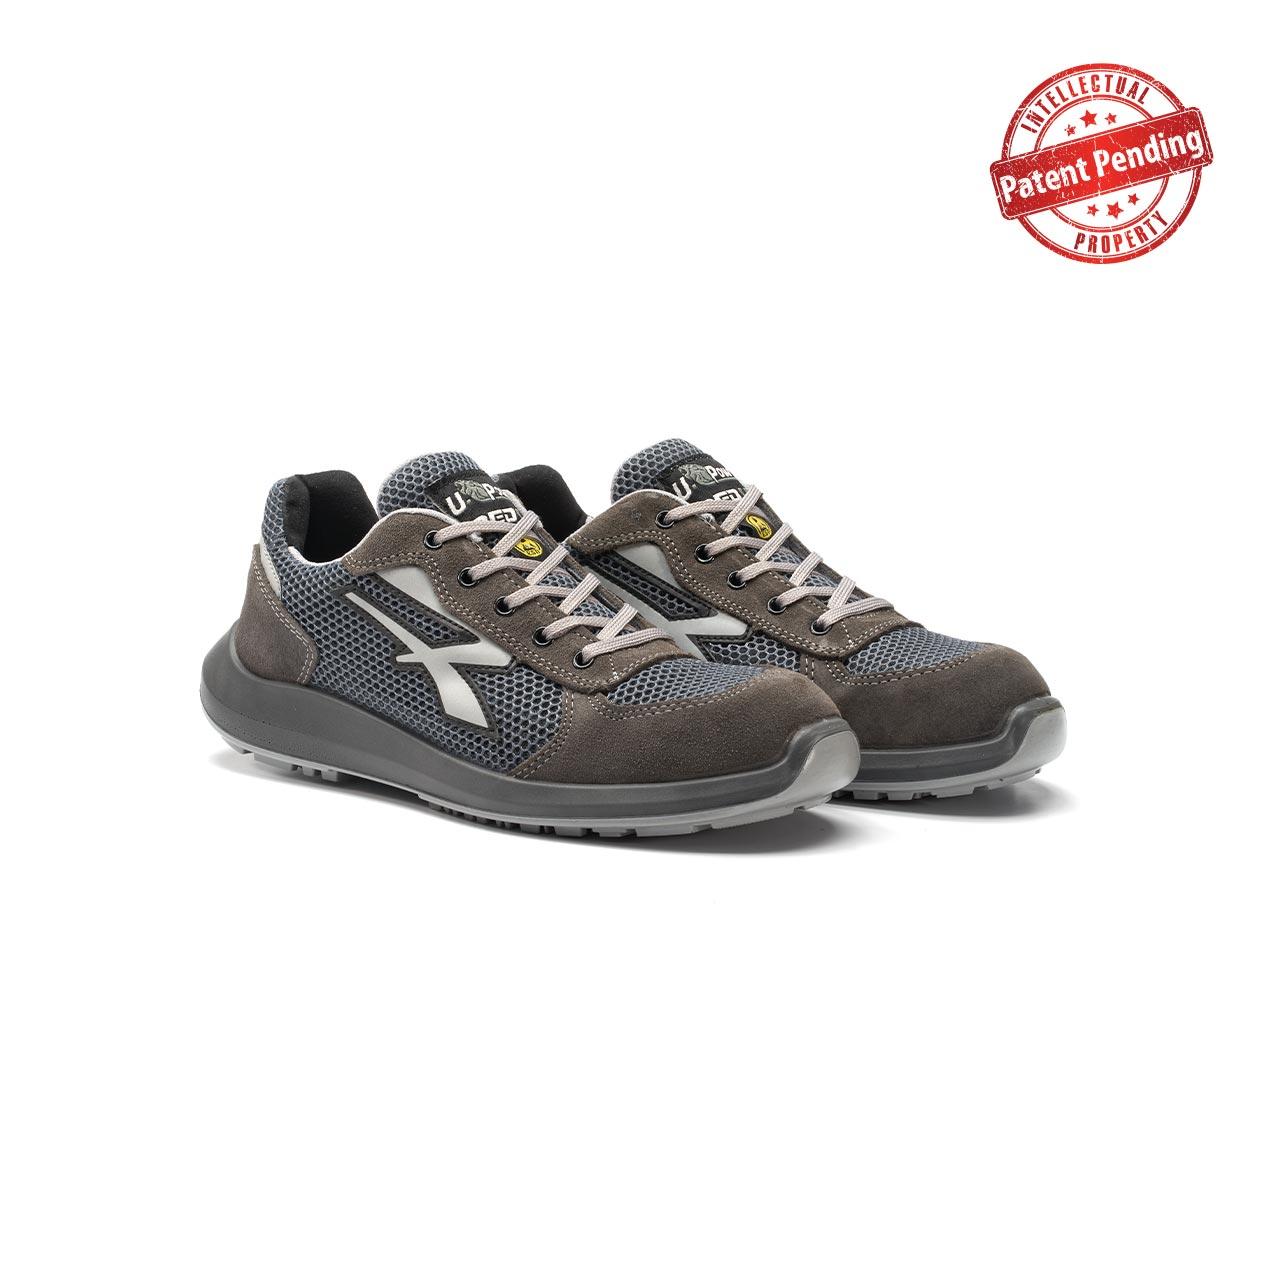 paio di scarpe antinfortunistiche upower modello draco linea redup vista prospettica